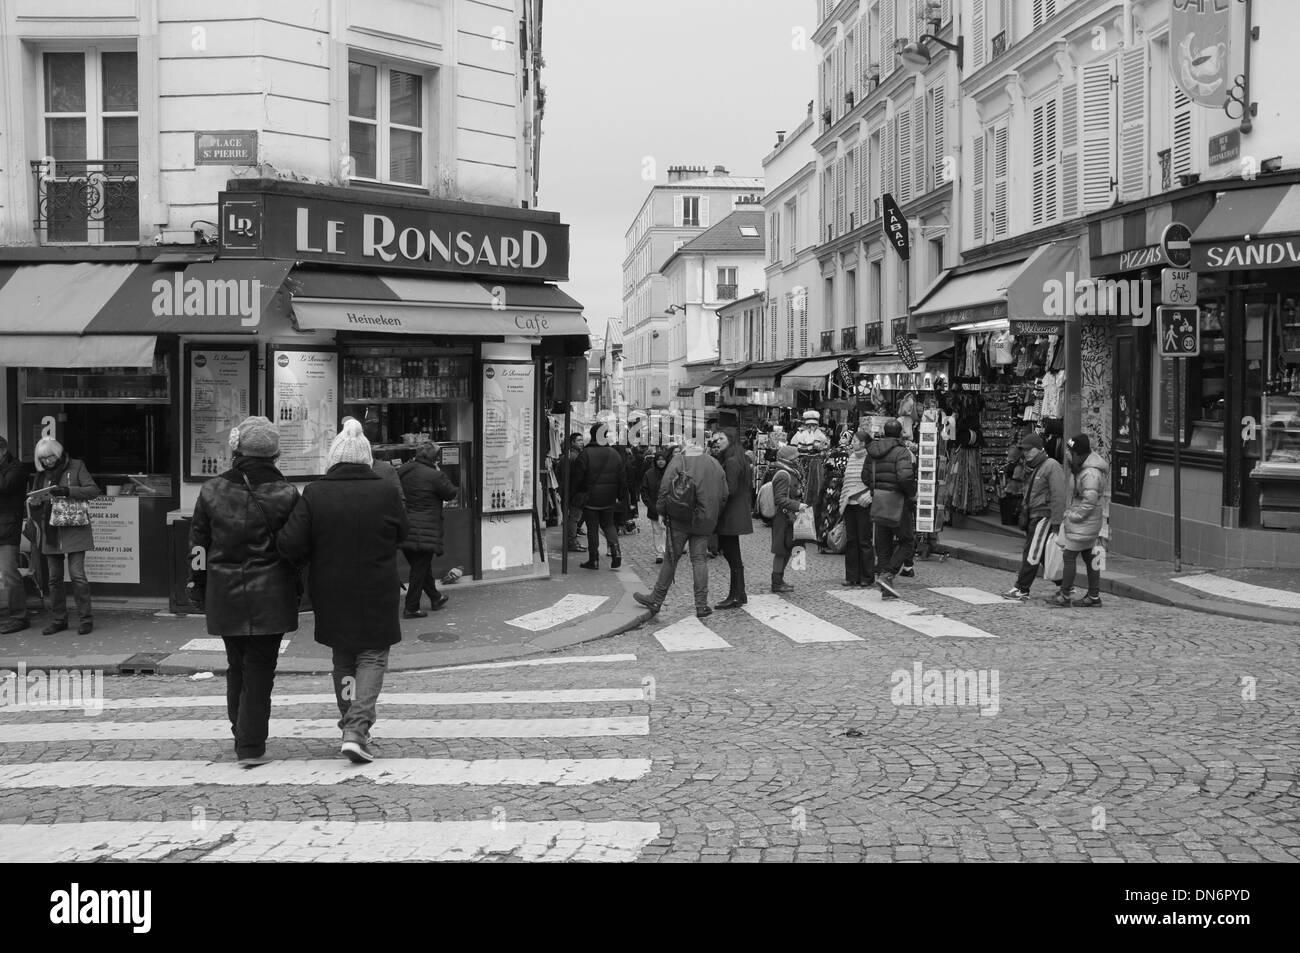 belebten Fußgängerüberwegen an einer Straßenecke in Paris, Frankreich Stockbild